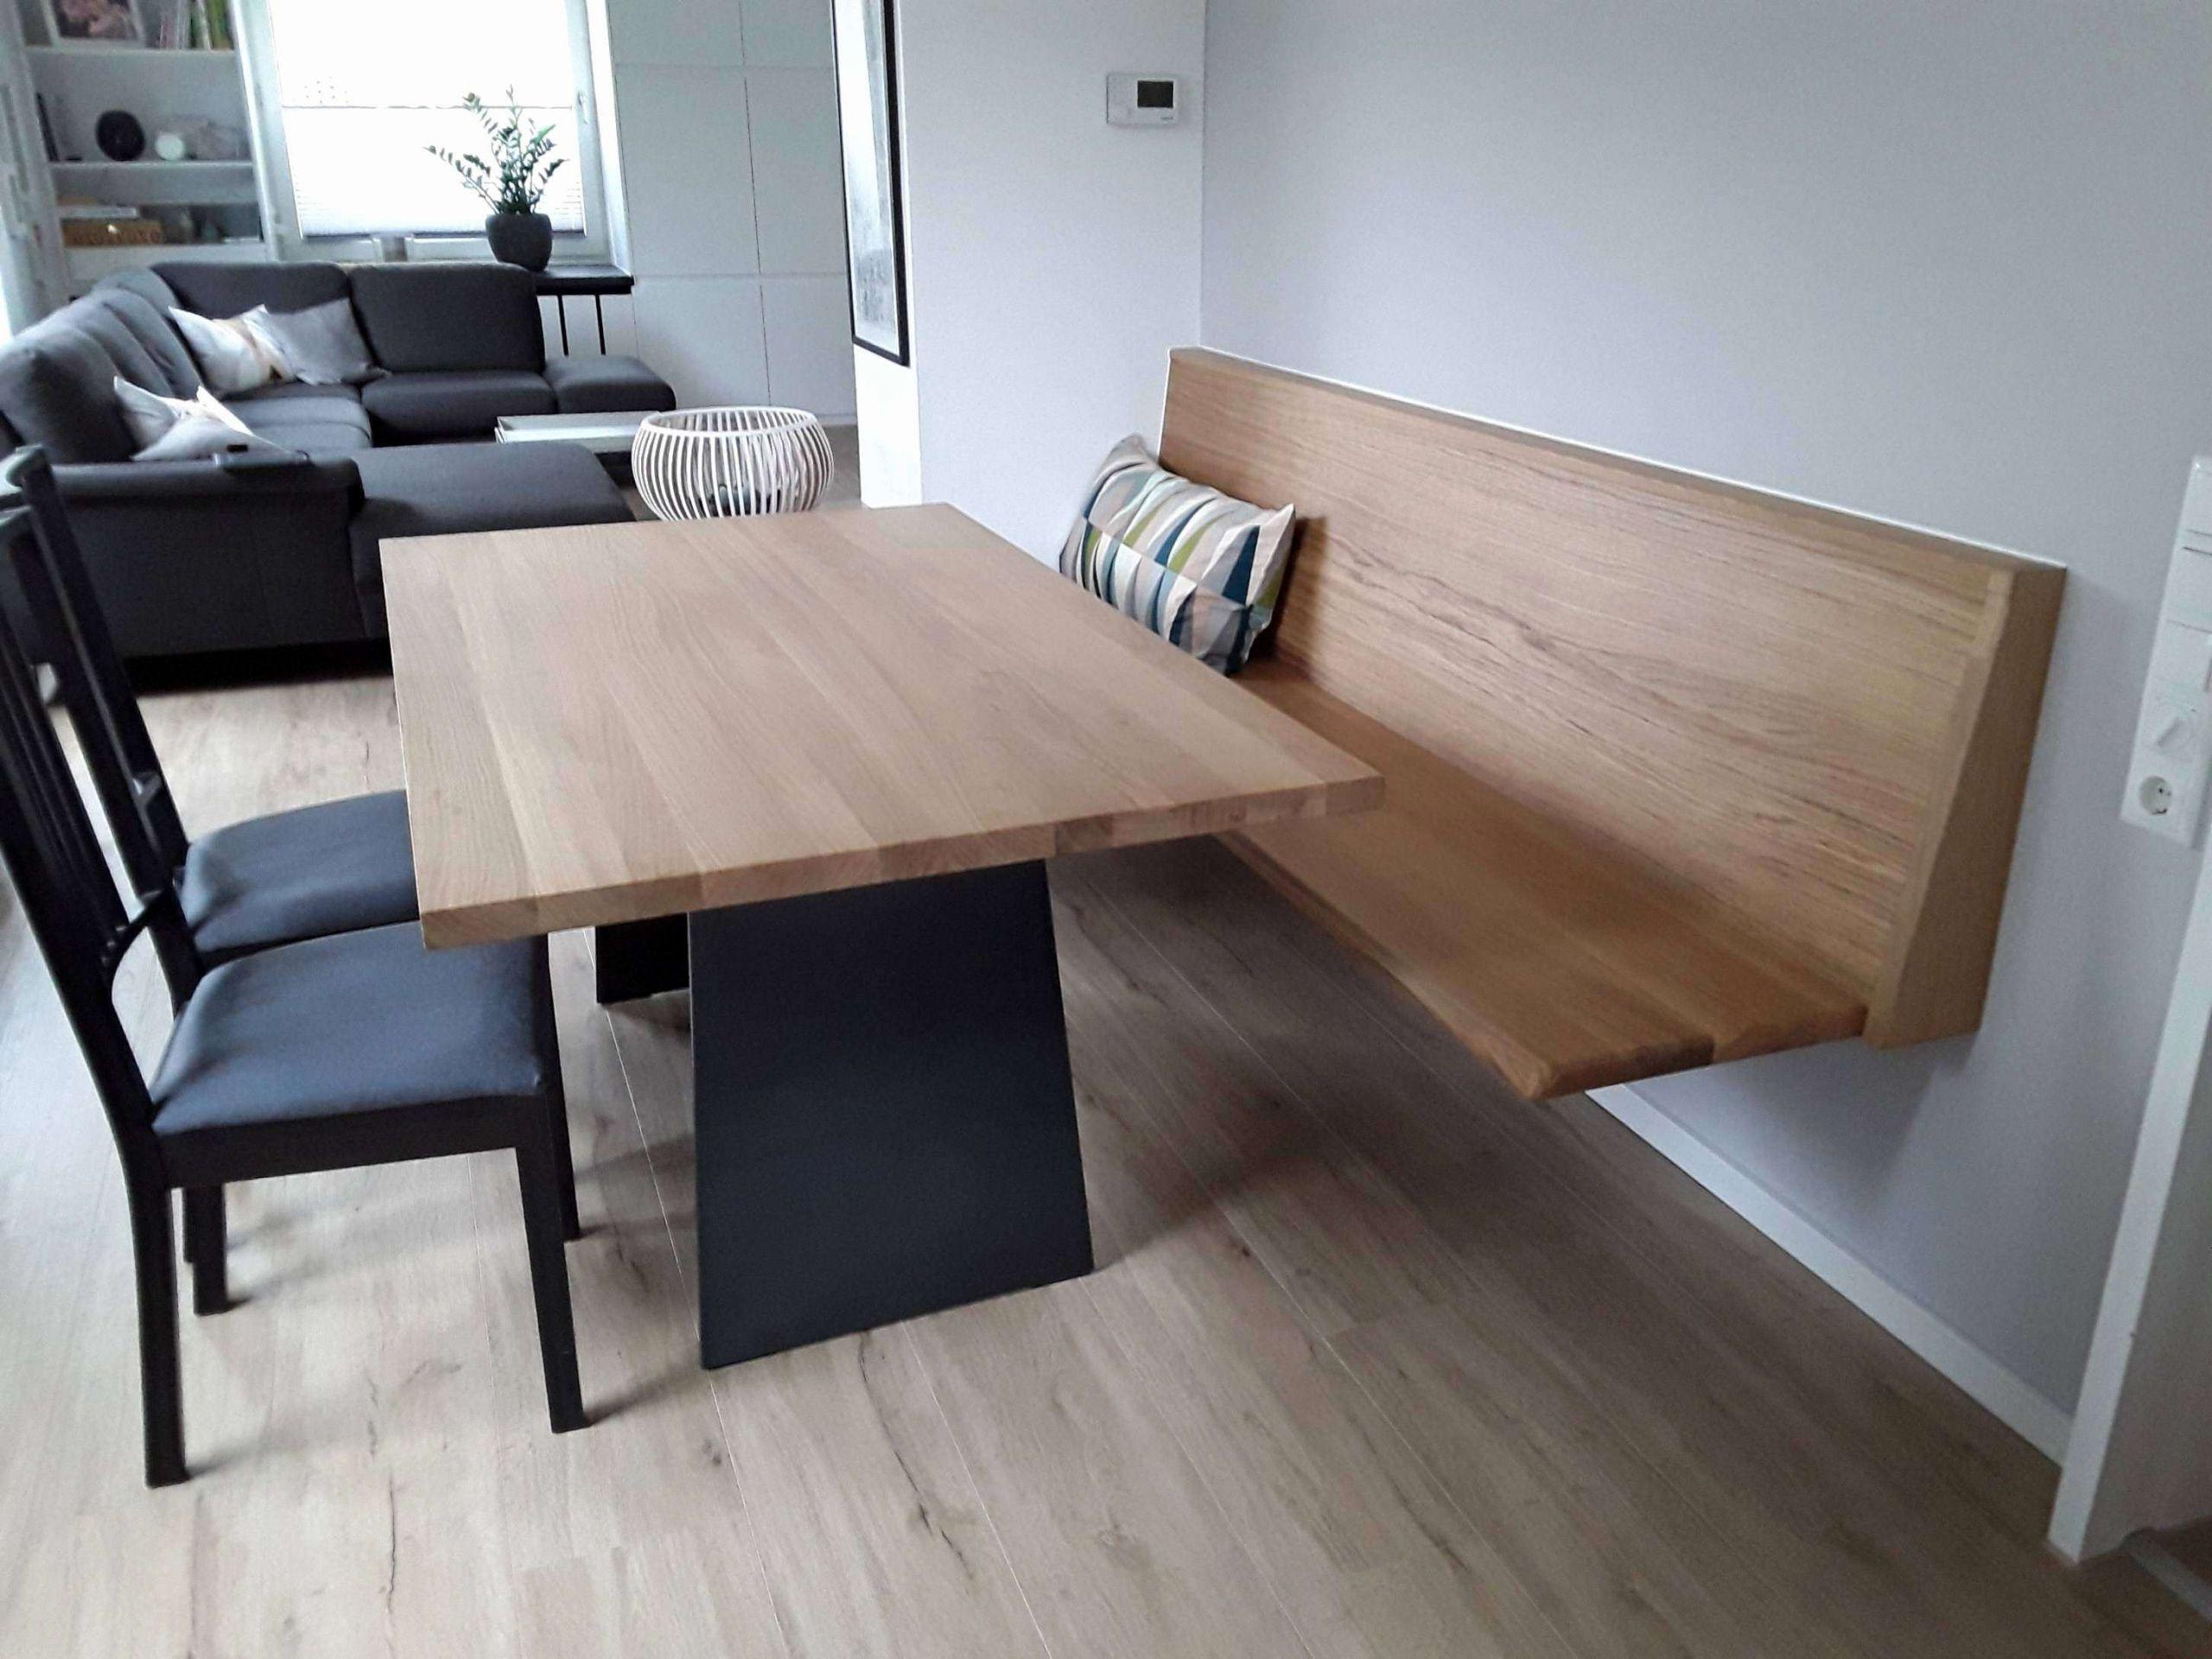 Garten Loungemobel Mit Stauraum In 2021 Sitzbank Selber Bauen Sitzbank Kuche Speisezimmereinrichtung